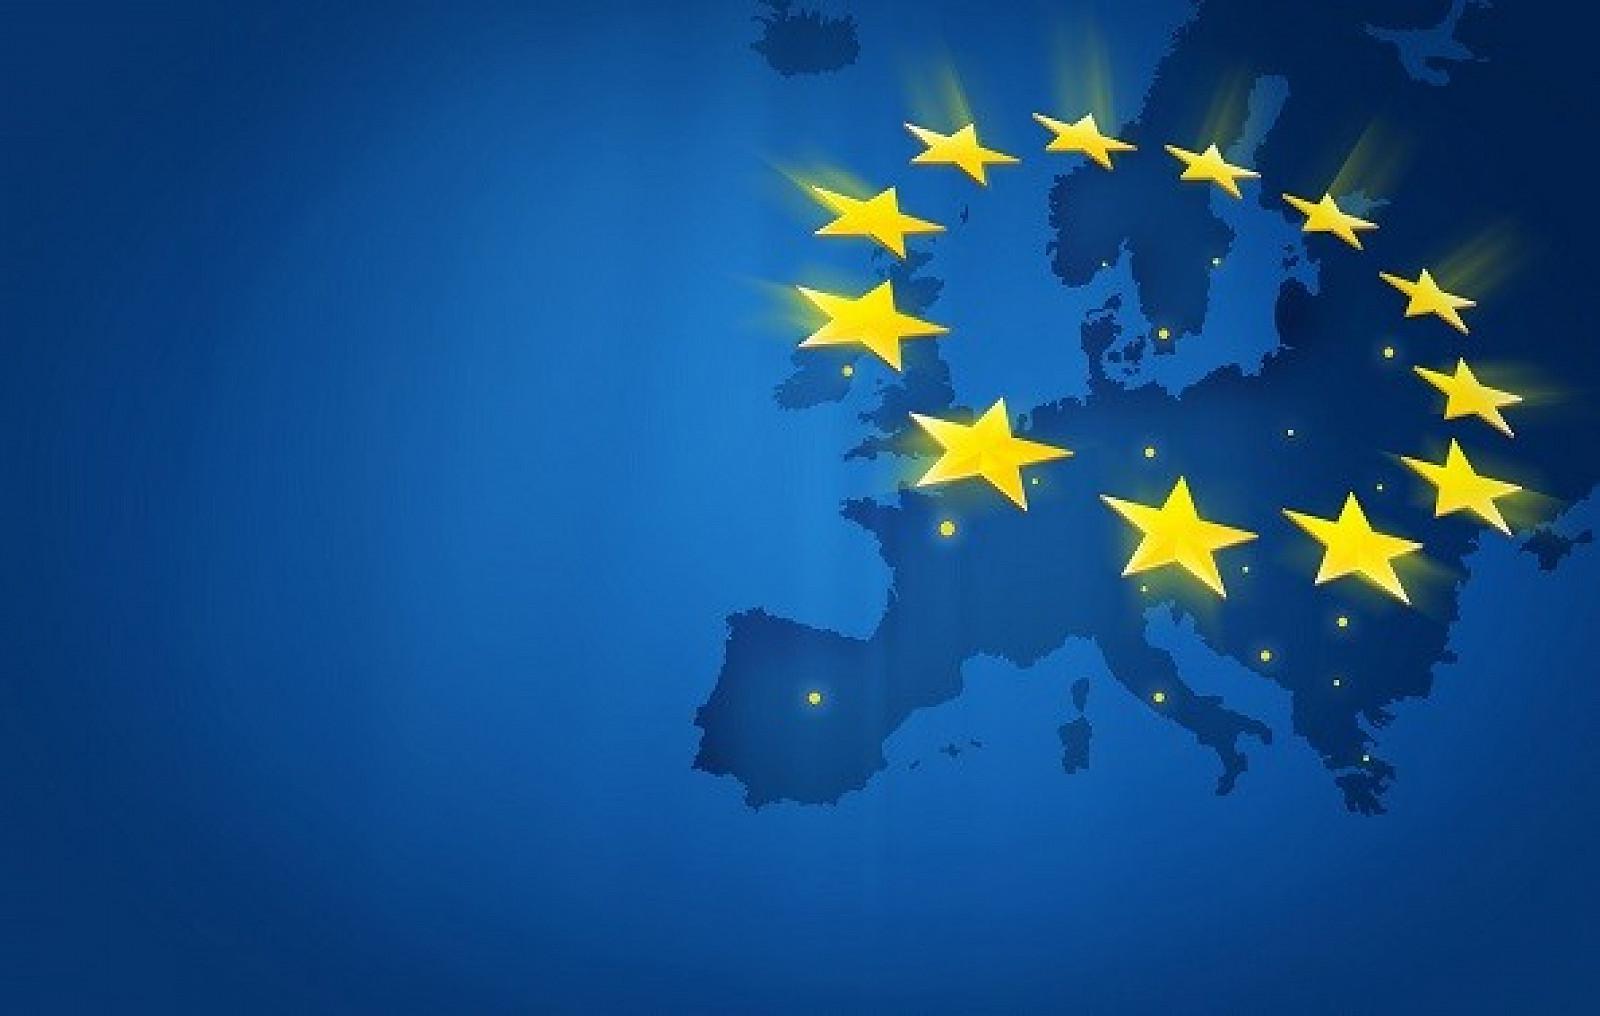 Jadro stratí po Brexite v európskych orgánoch na sile